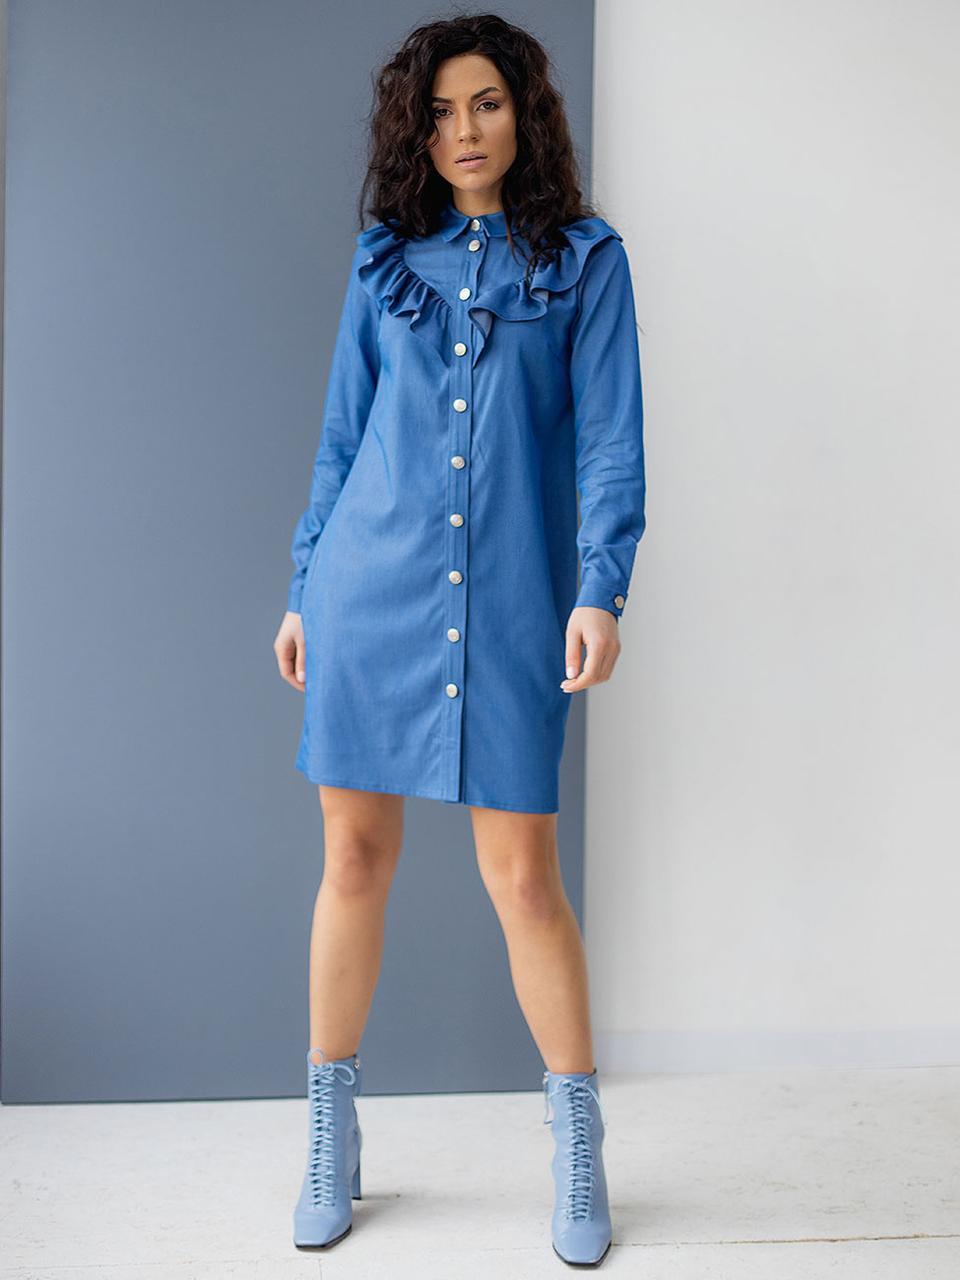 Джинсовое платье-рубашка с рюшами. Модель 3071. Размер 44